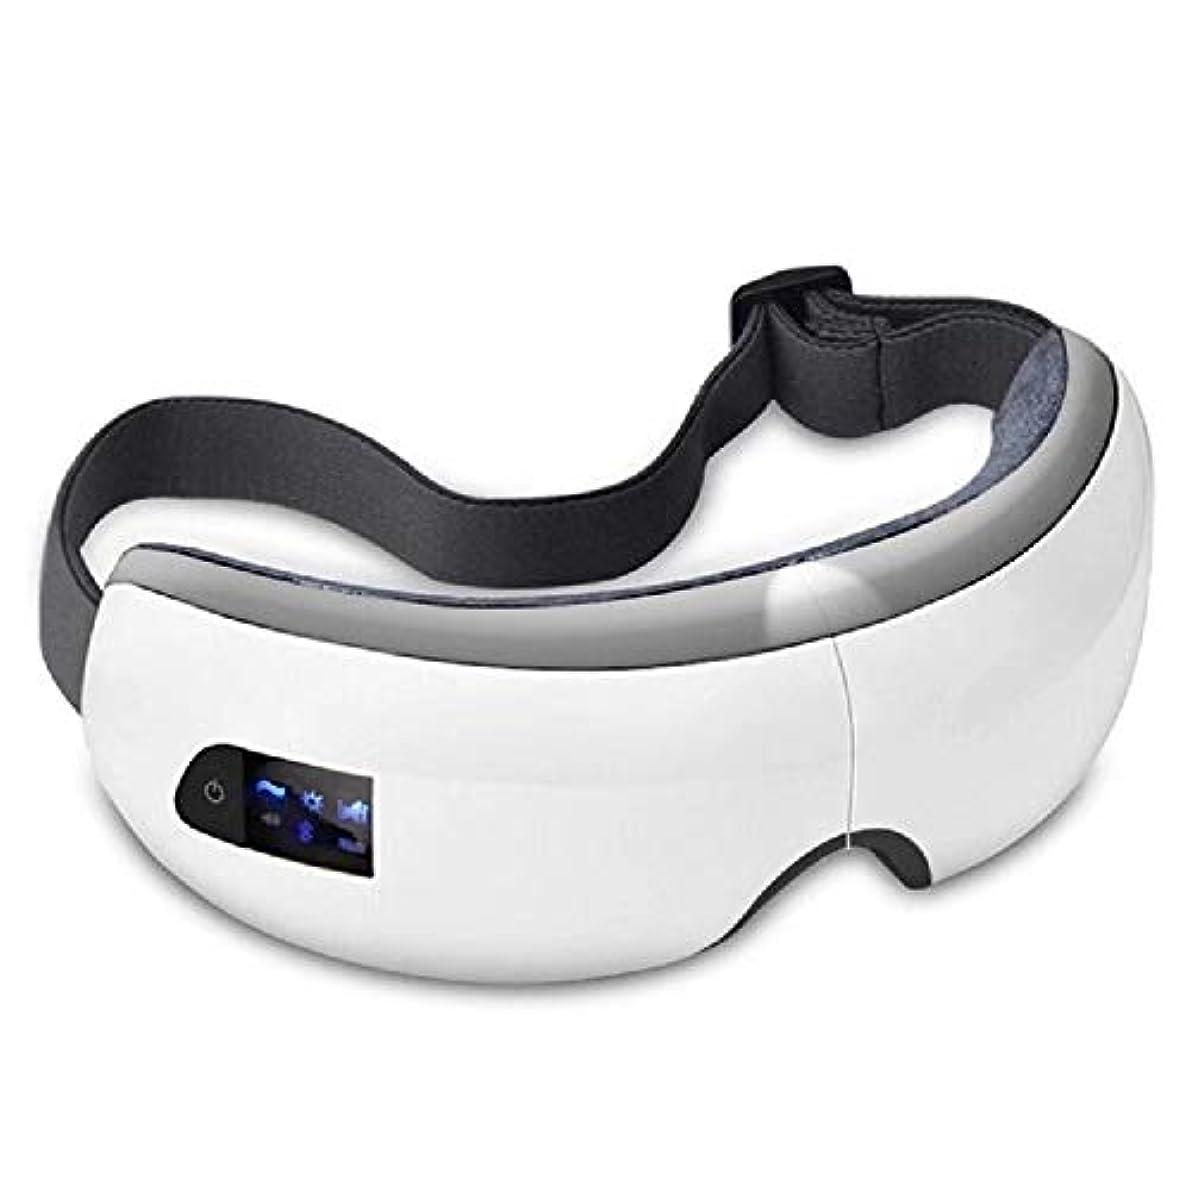 消毒剤論文ティームRuzzy 流行の目のマッサージのSPAの器械、熱療法が付いている電気アイマッサージャー 購入へようこそ